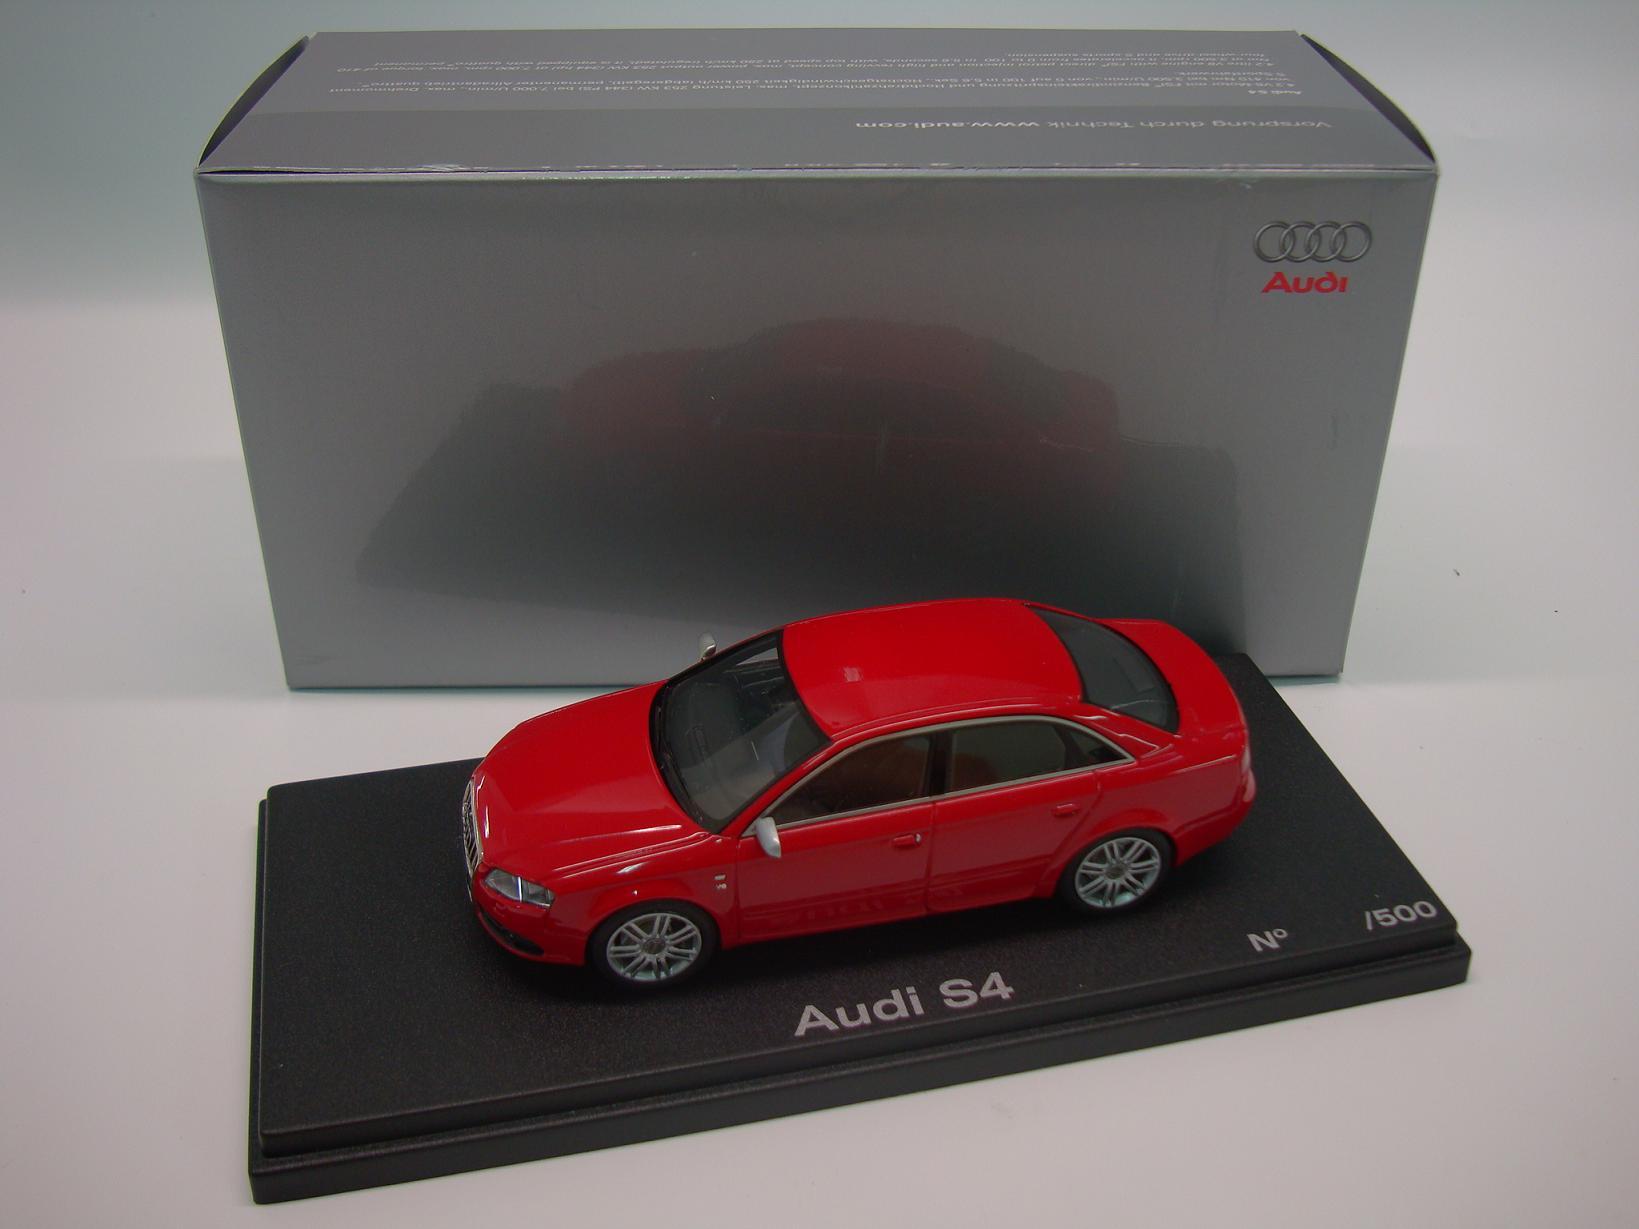 Audi S4 1 43